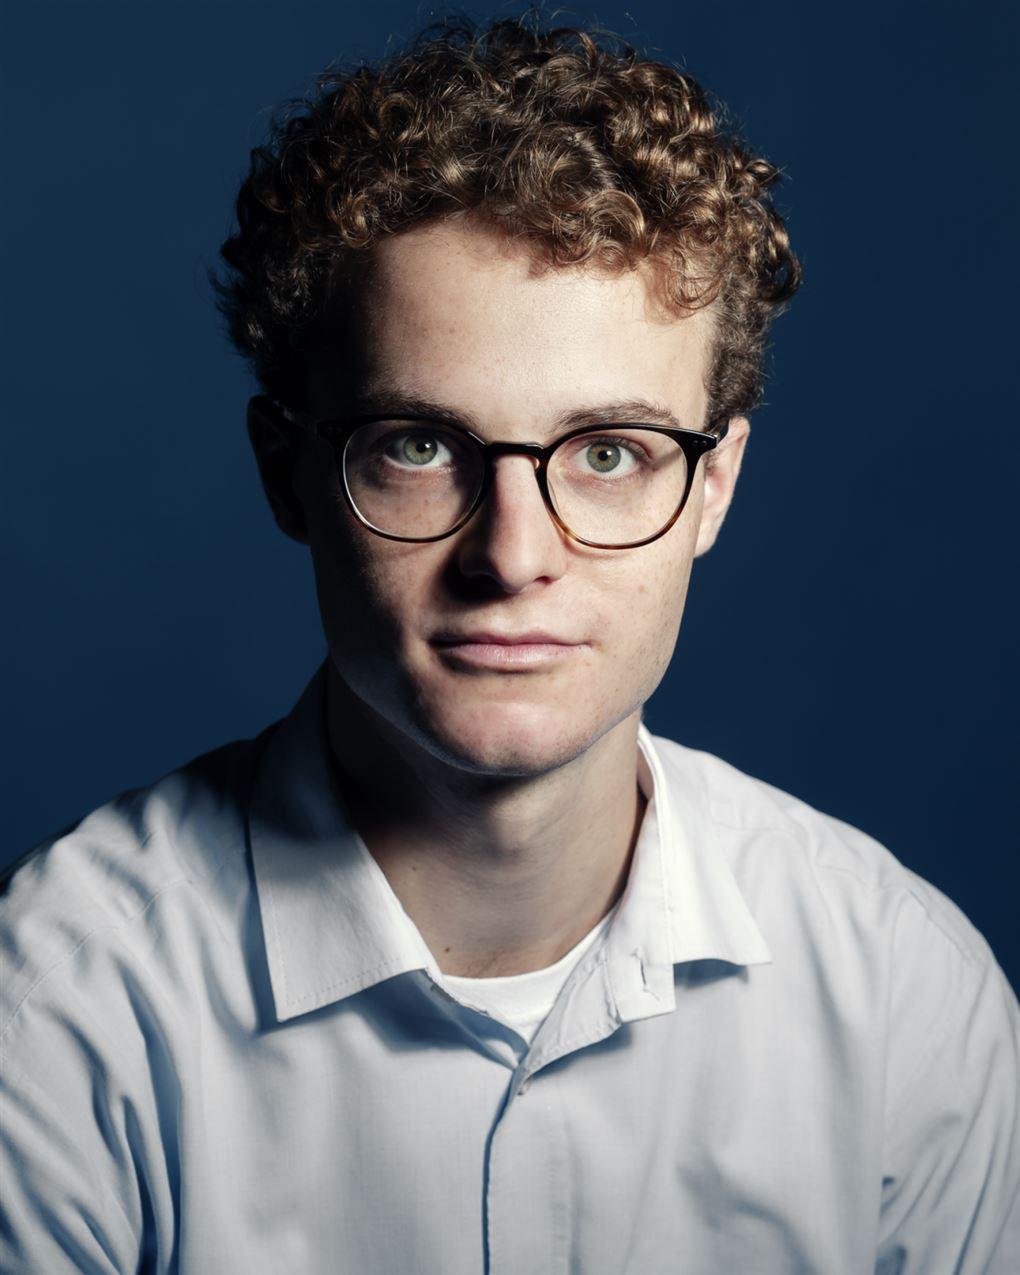 Portræt af ung mand med briller